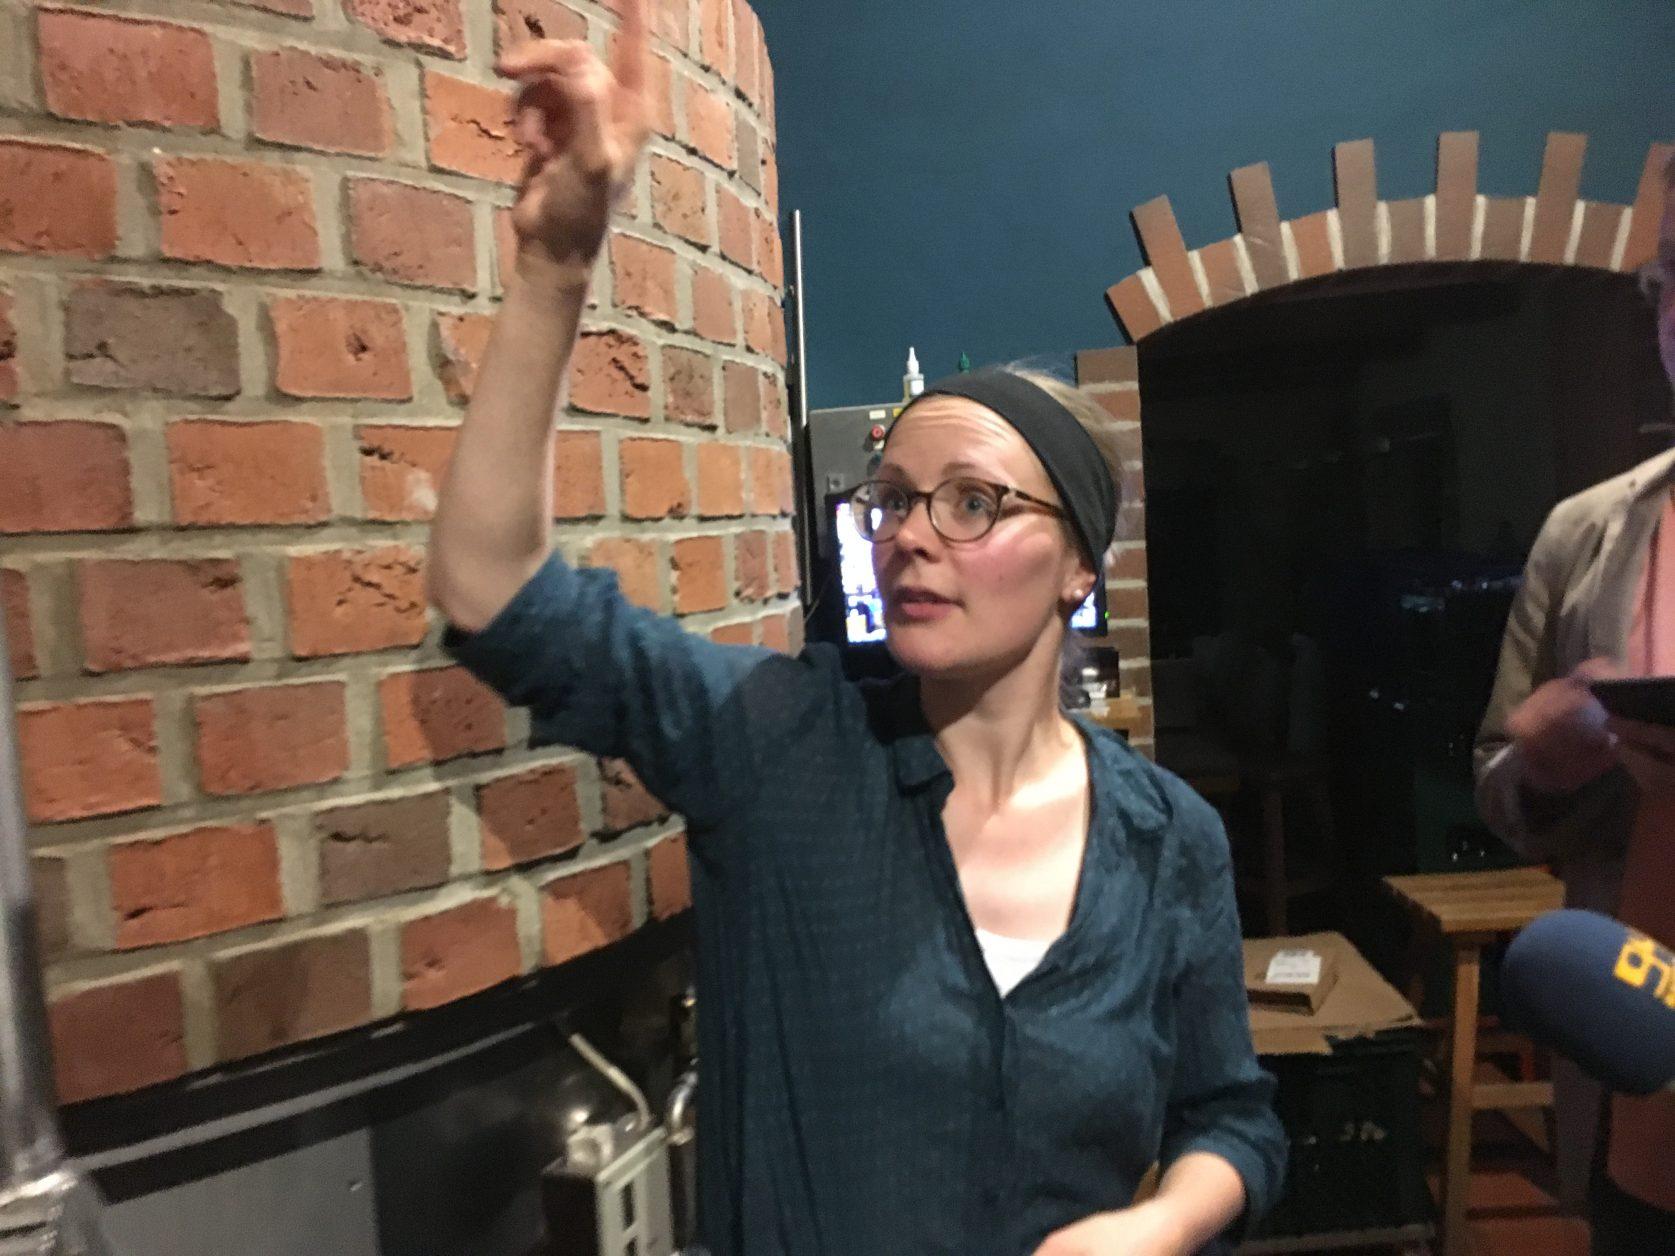 Brauerin mit Herz: Friederike Köhl vom Emsländer Brauhaus in Lünne im Emsland